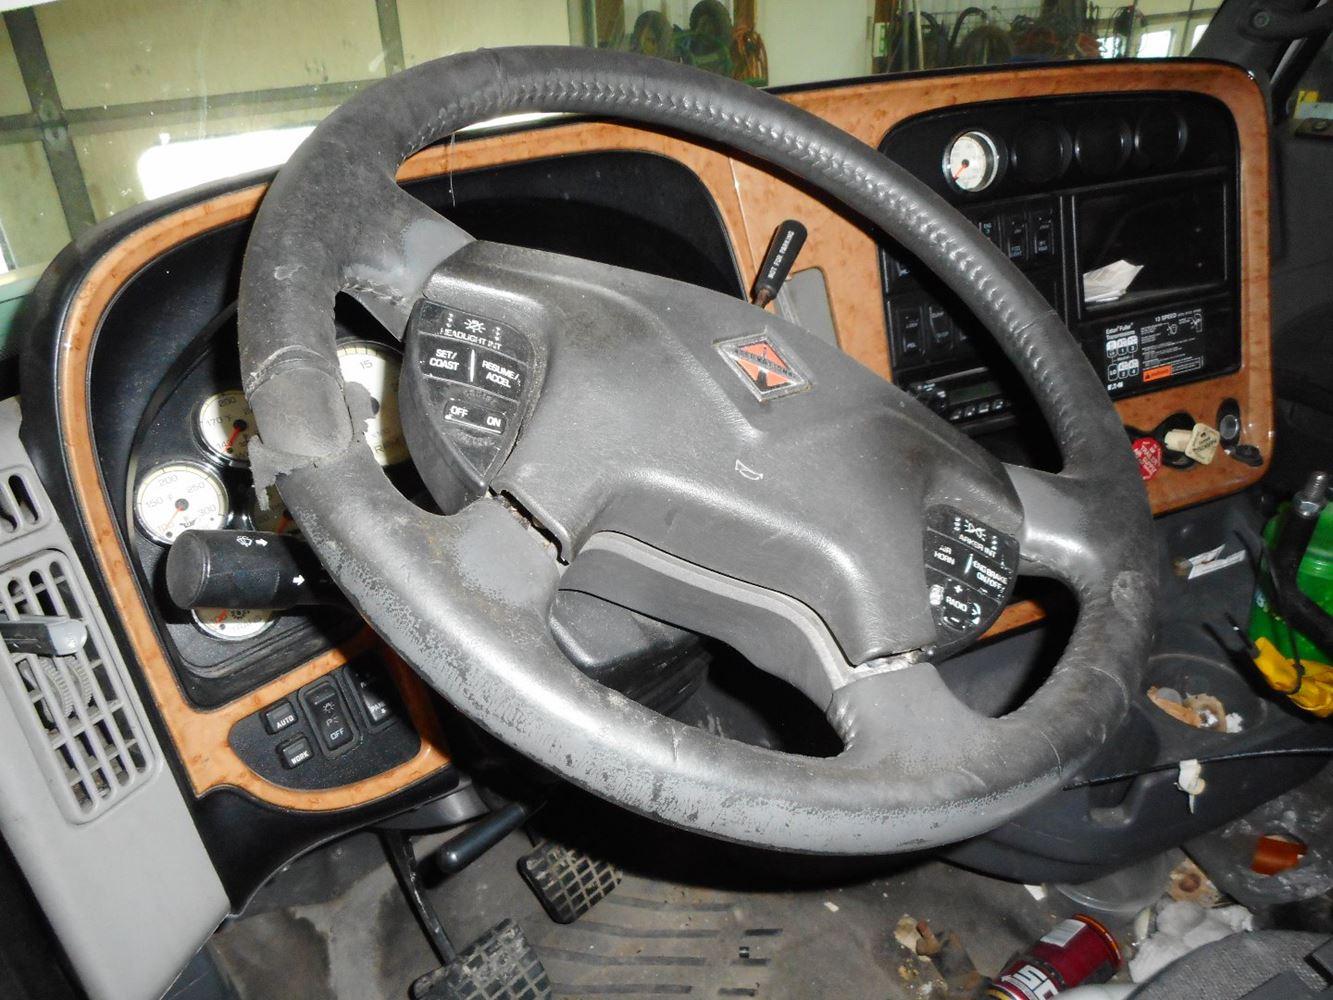 2010 International Navistar (Stock #277001-21)   Steering Wheels   TPI